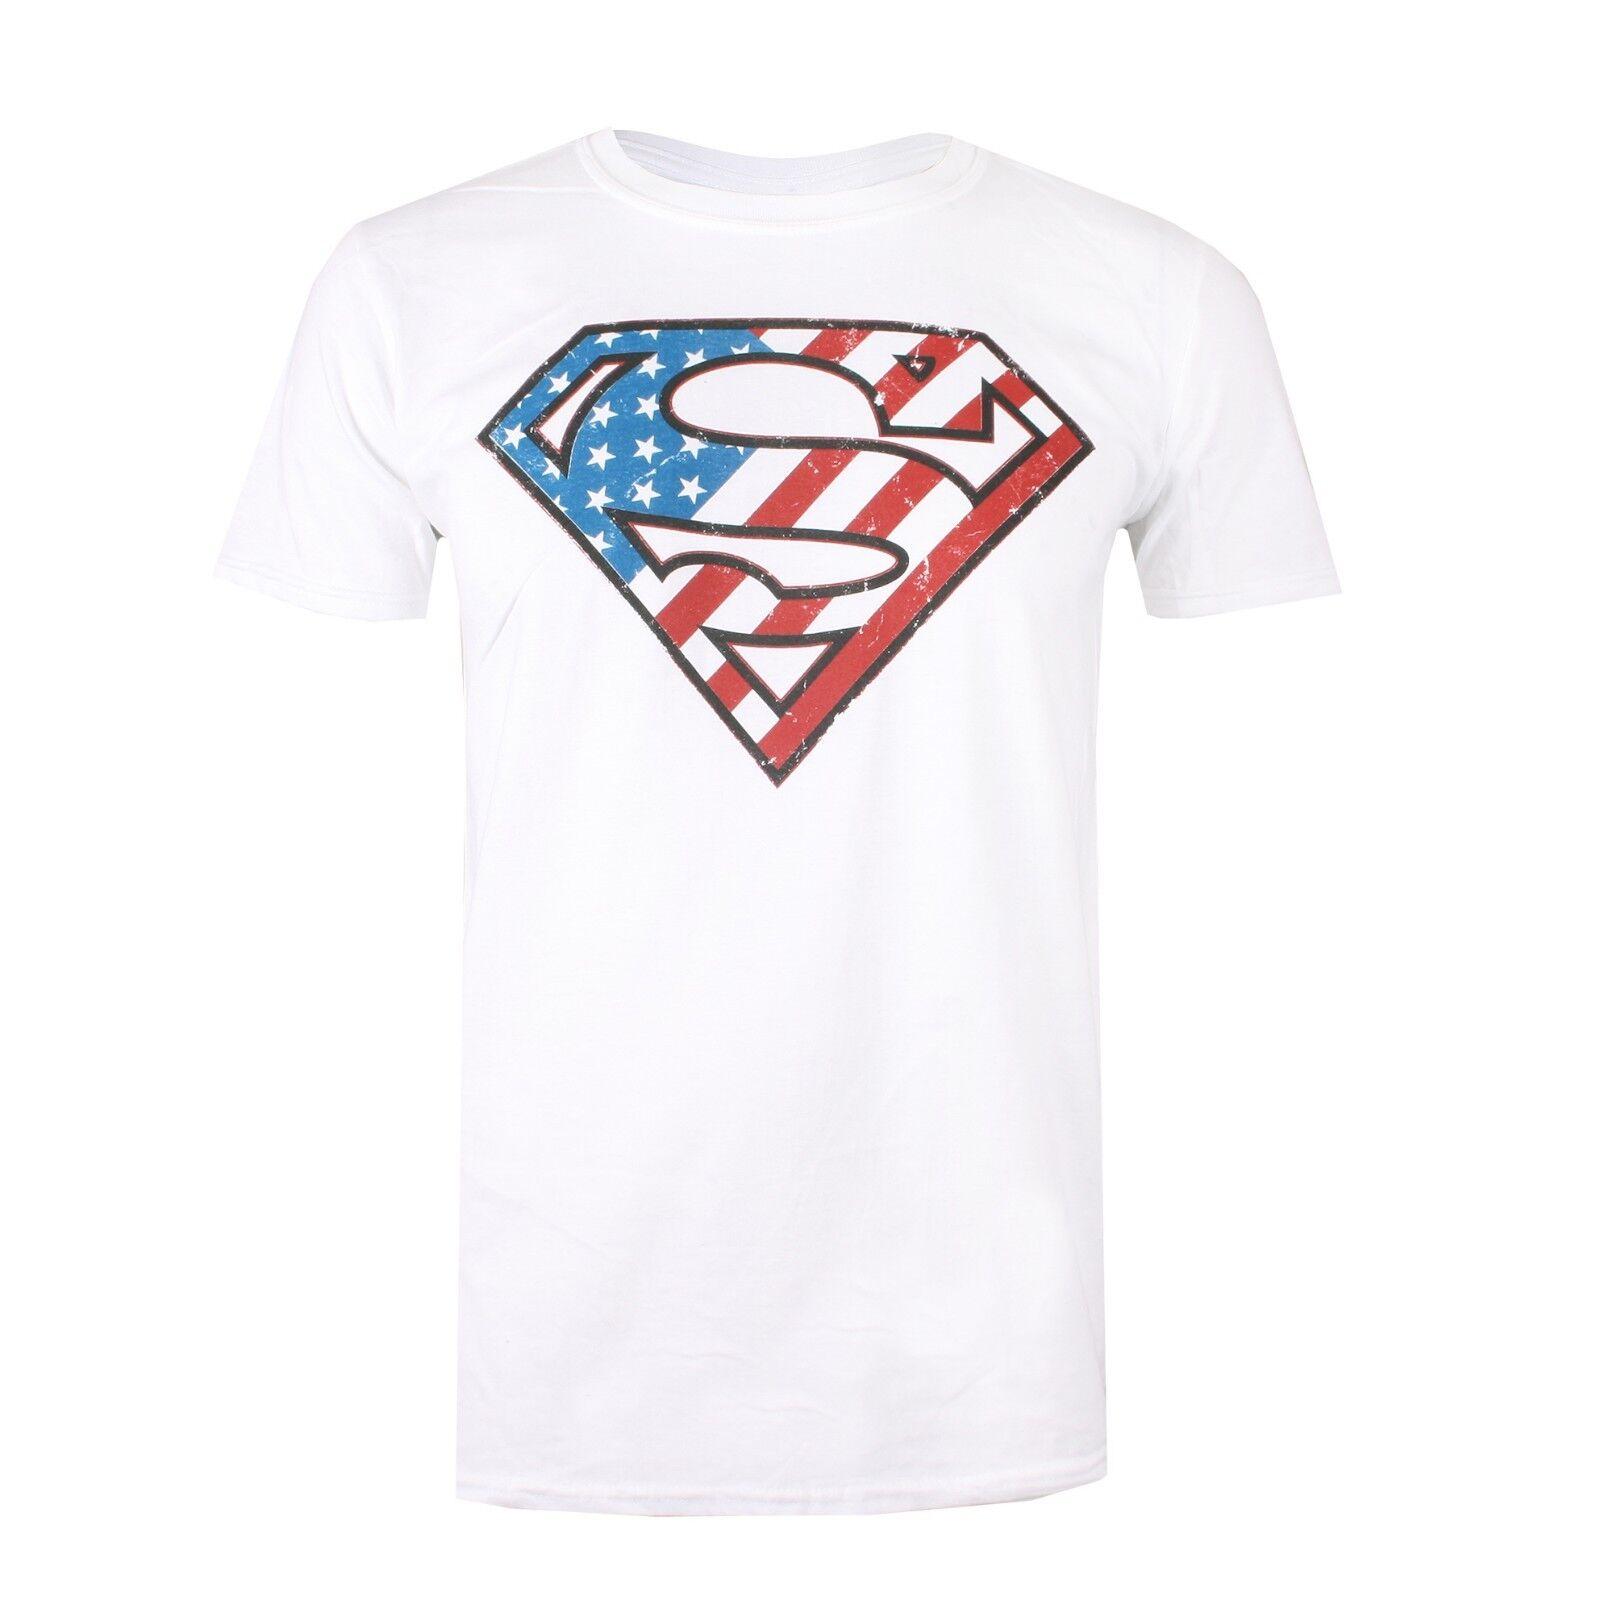 Details about DC Comics - Superman Logo - American Flag - Men s T-Shirt -  White - S-XXL 5d3923c5d6